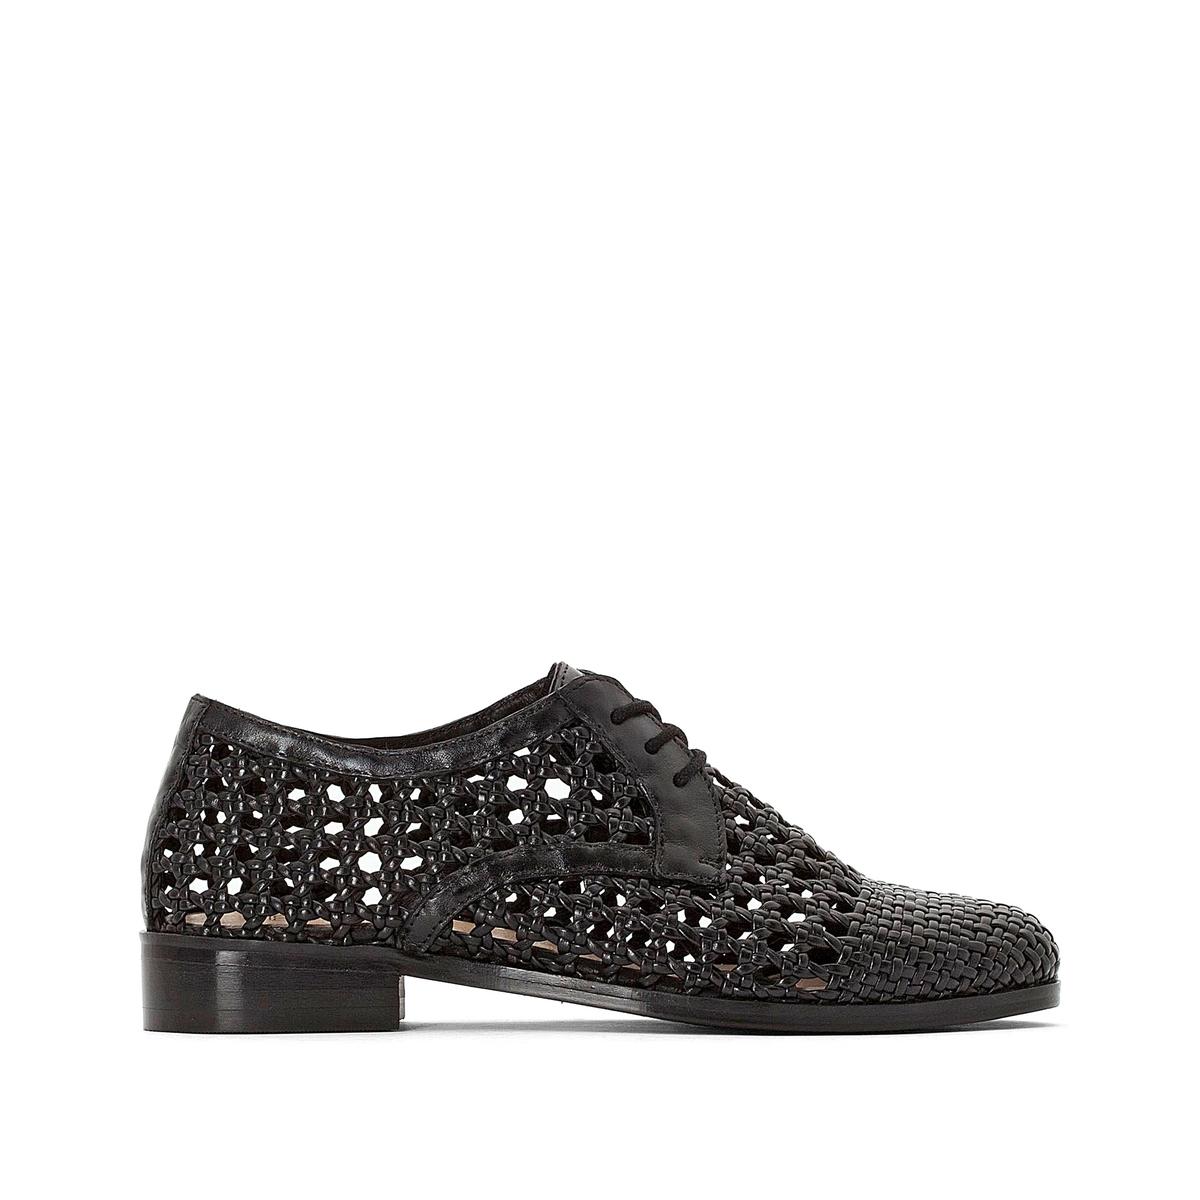 Ботинки-дерби кожаные плетеные ажурные